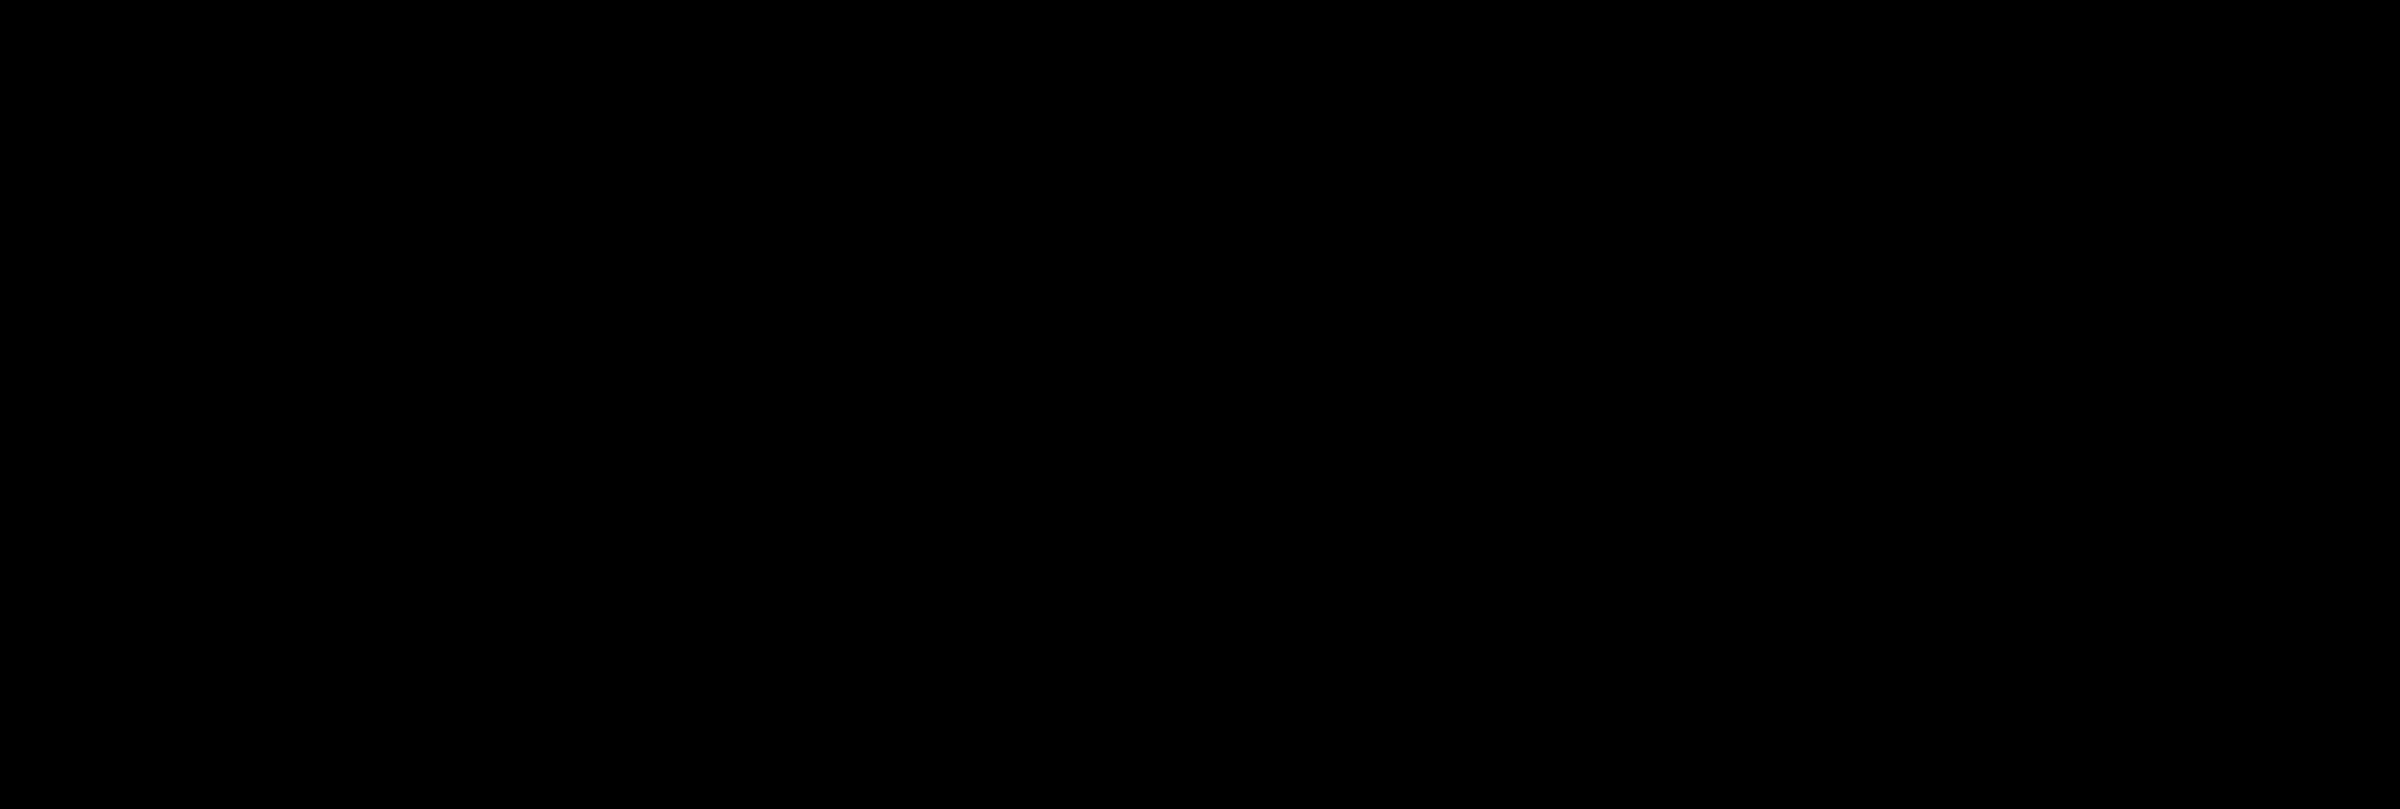 browning-2-logo-png-transparent.png